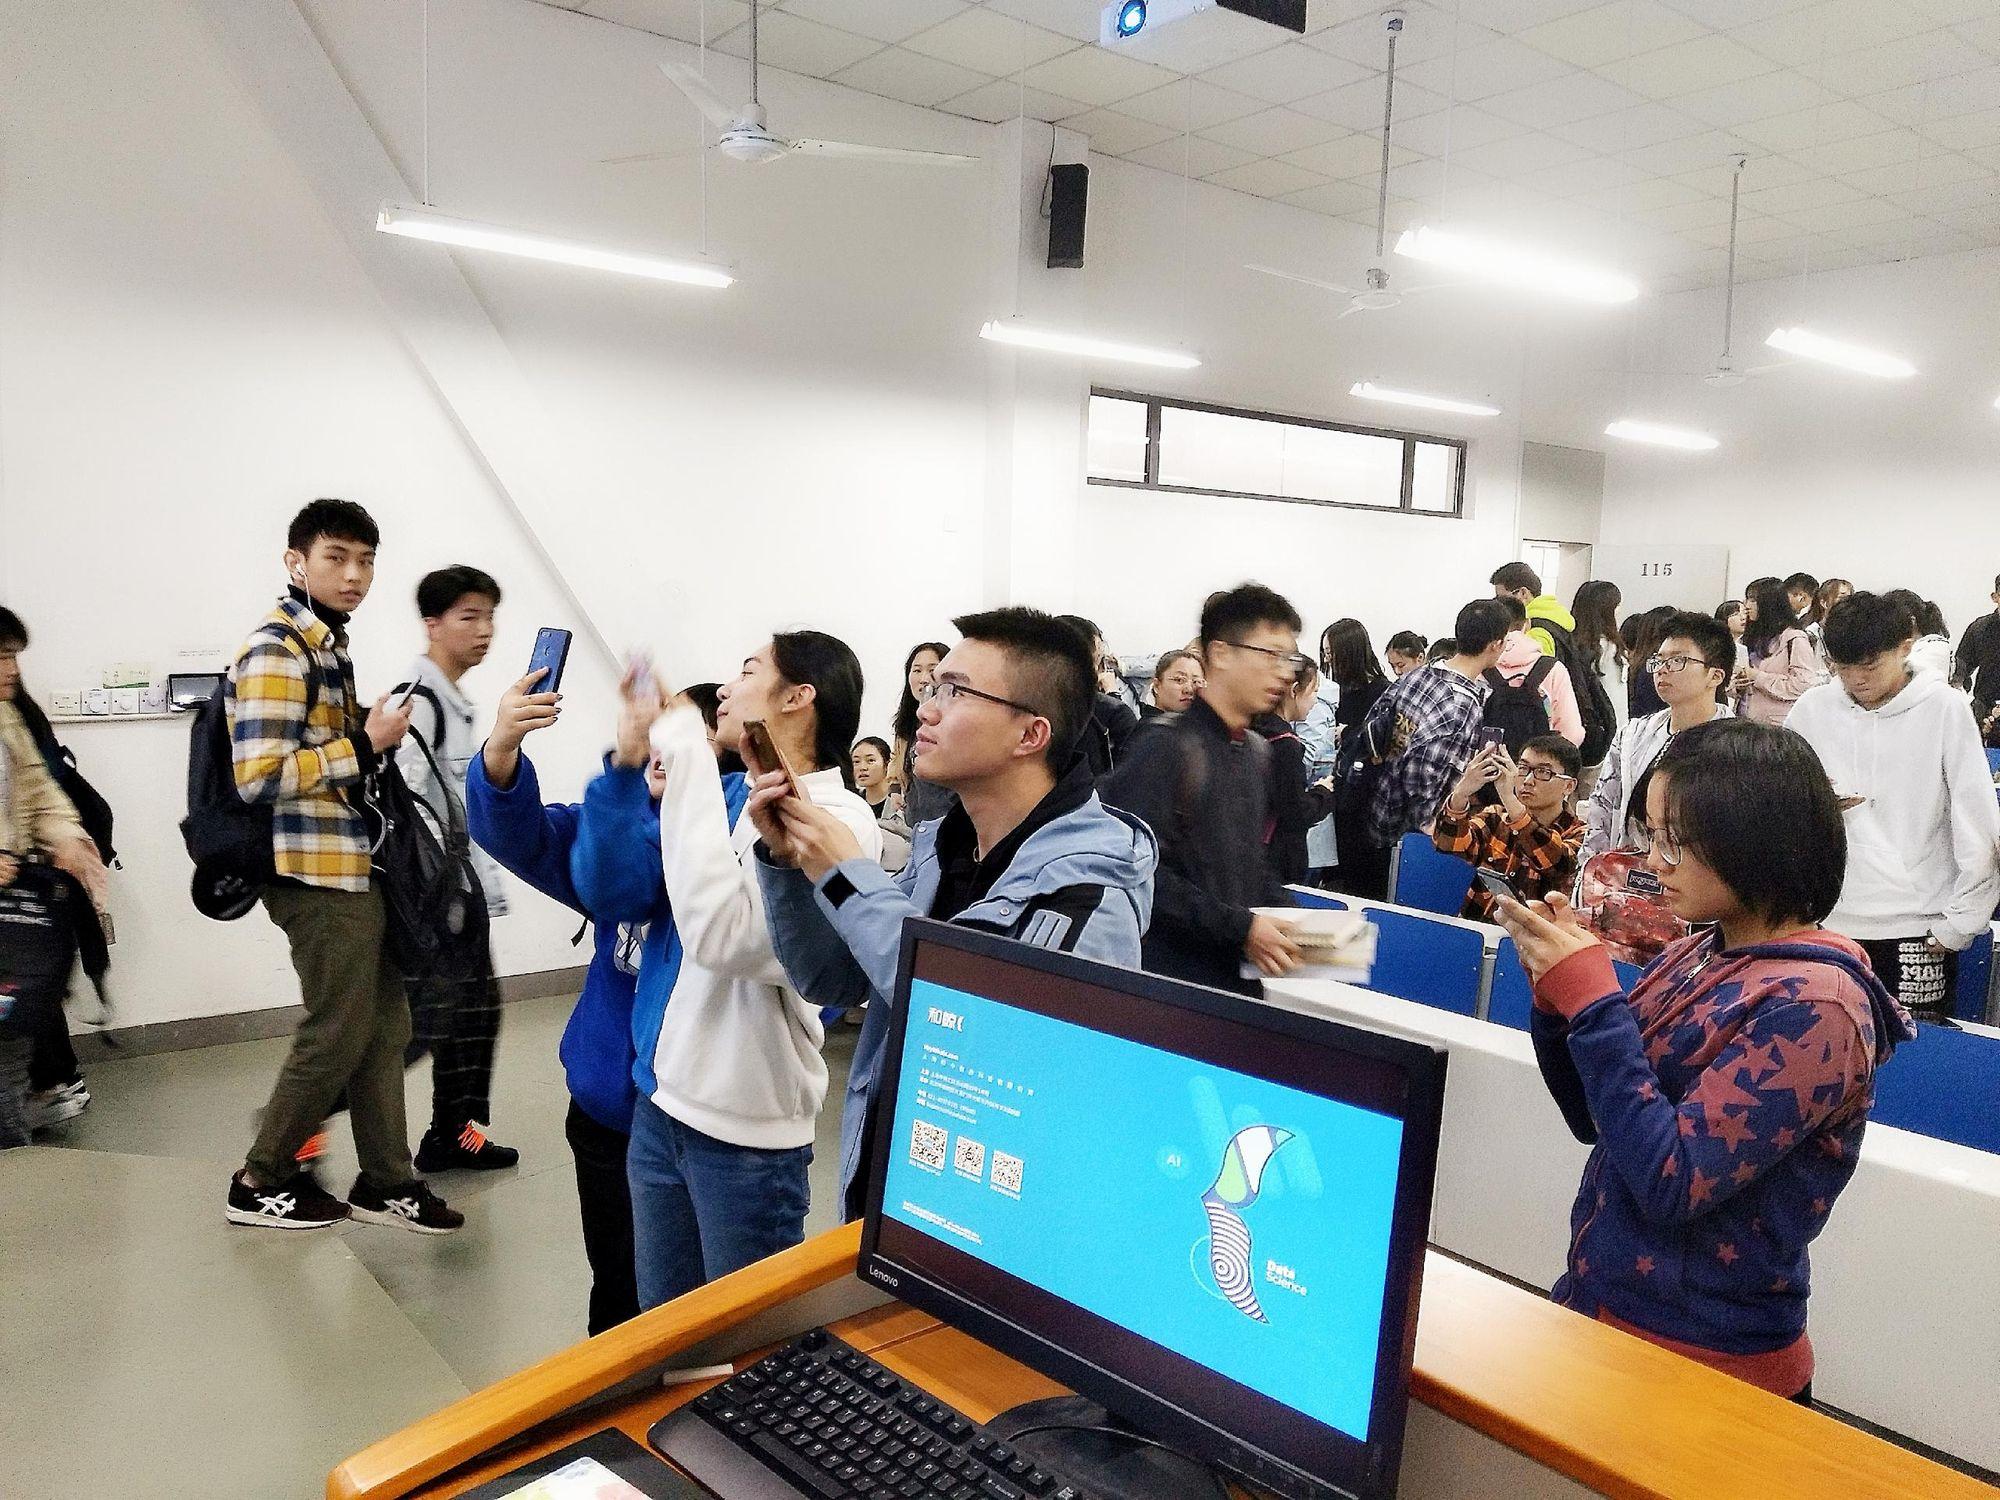 上海立信会计金融学院分享交流会